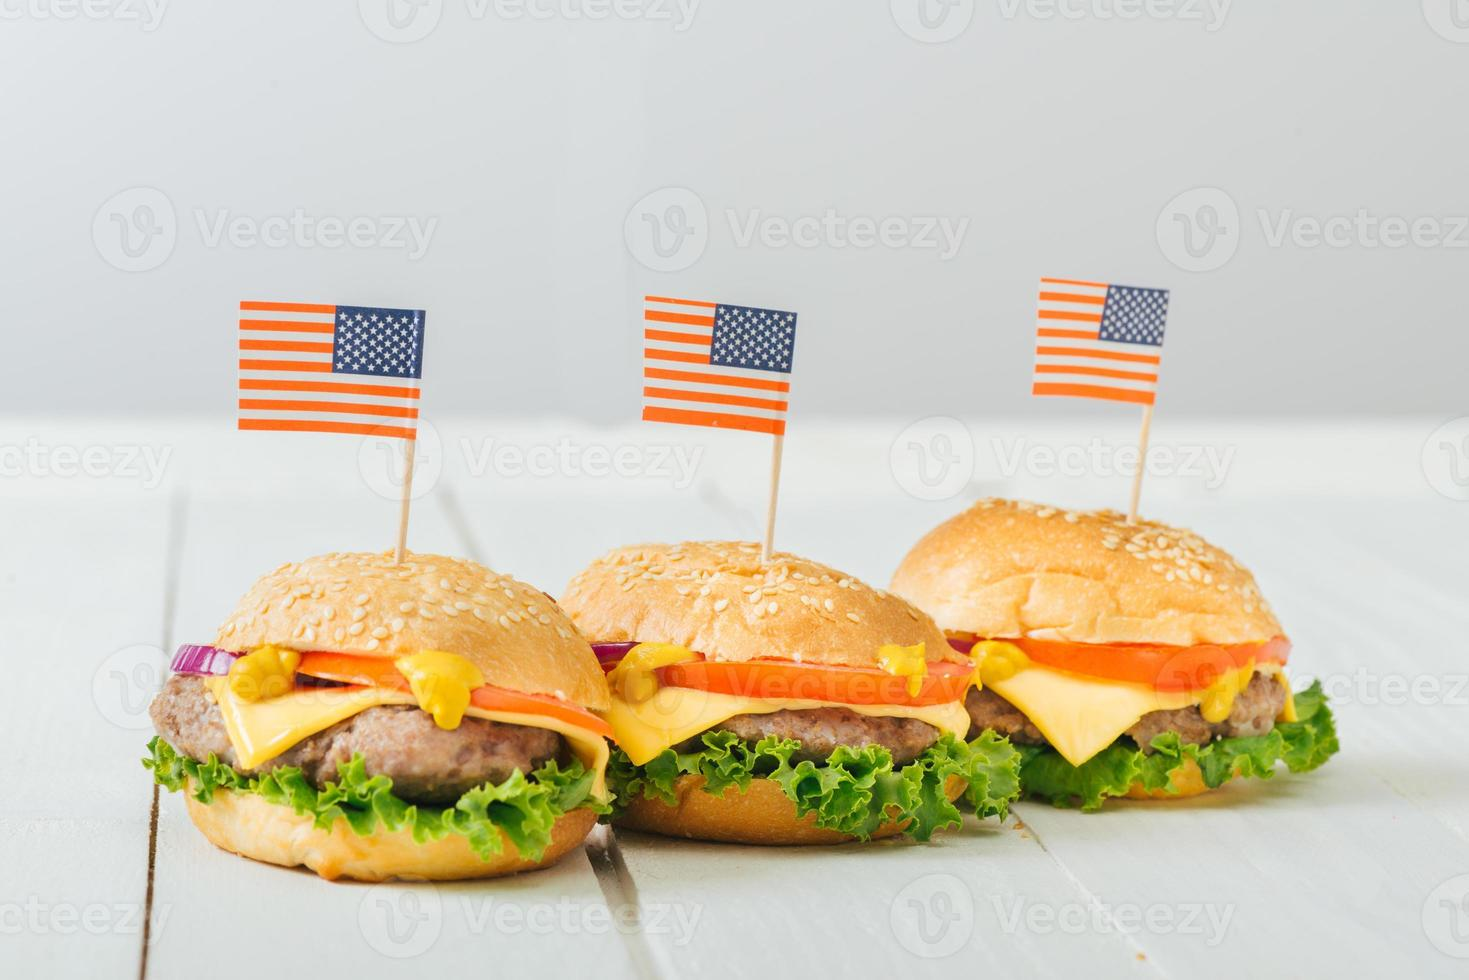 hambúrgueres de carne americana com queijo. foto